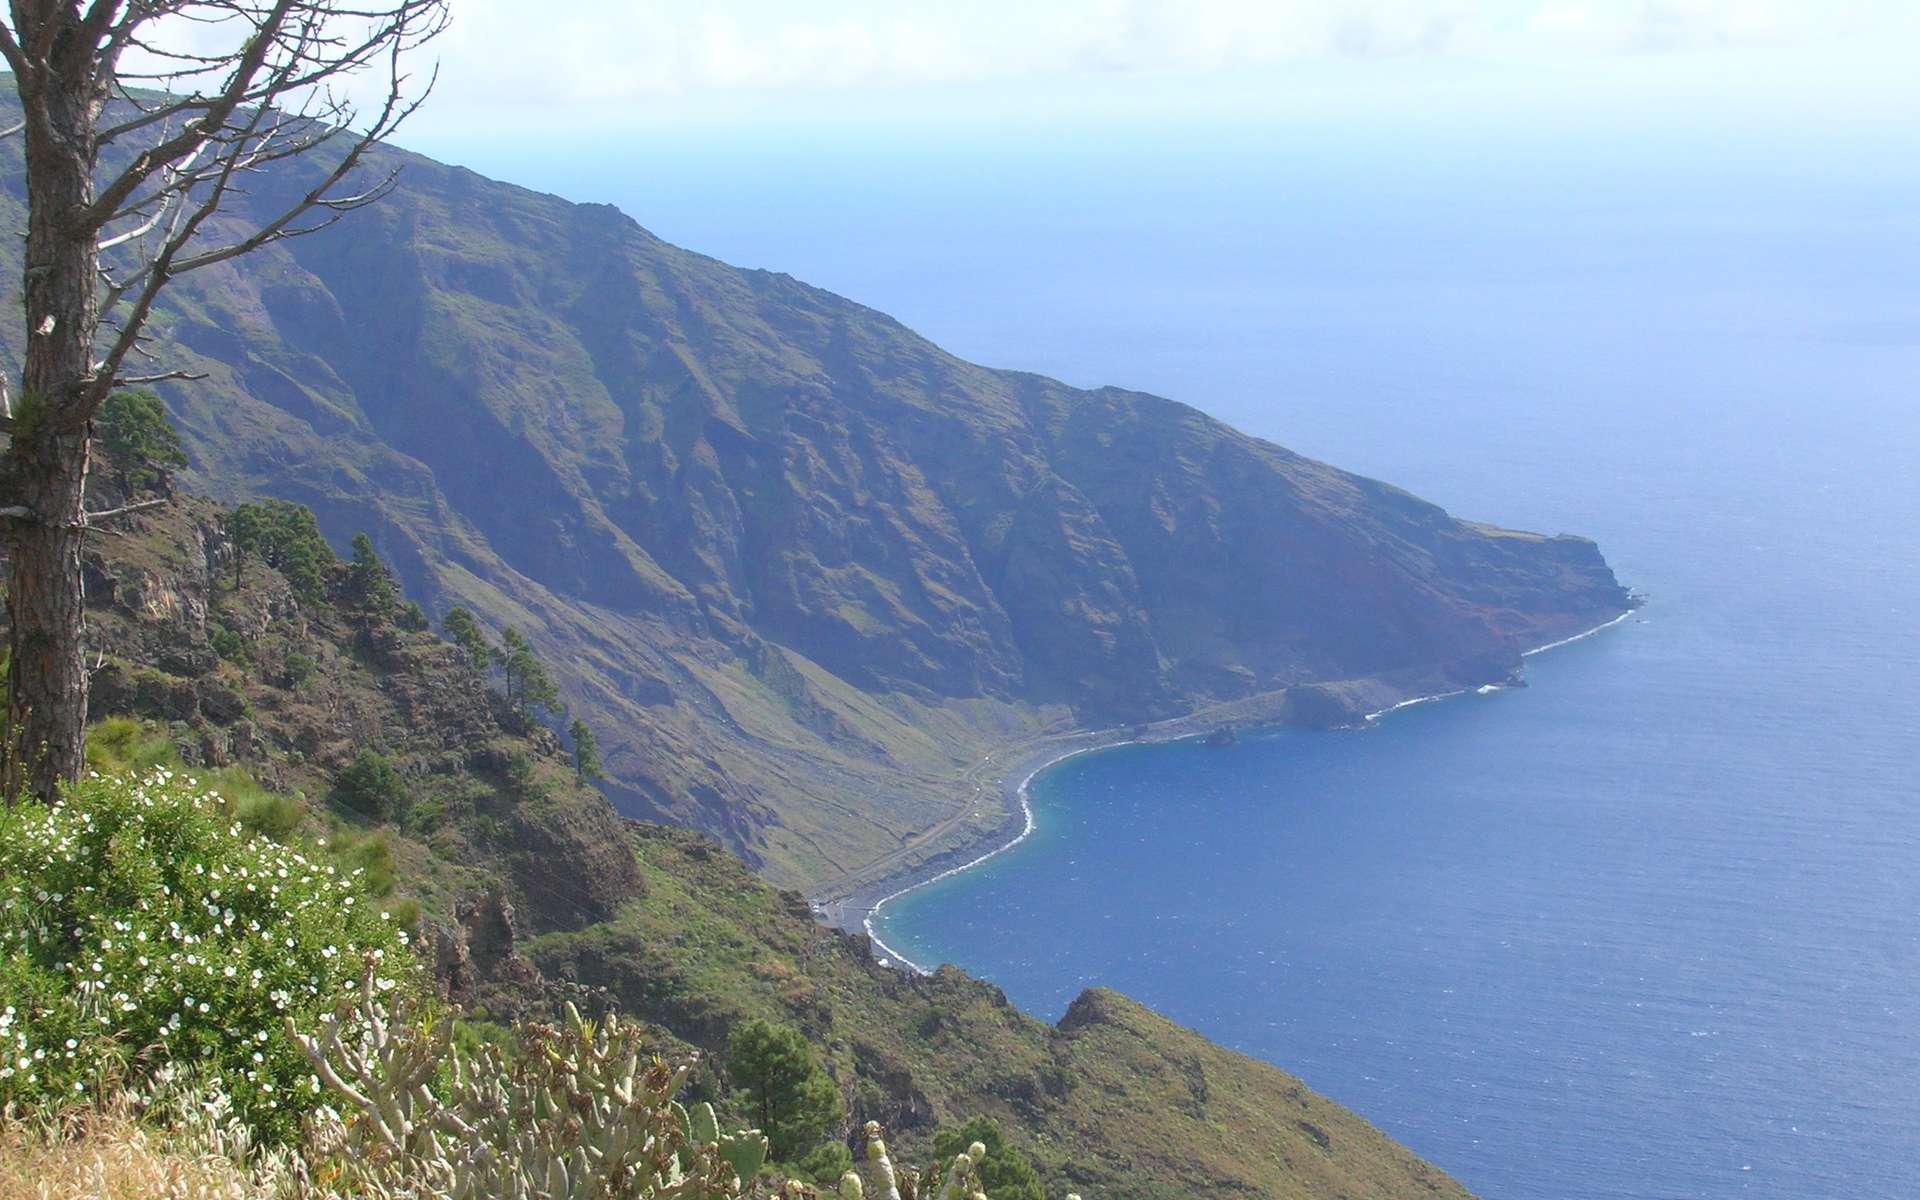 L'île El Hierro fait partie des îles Canaries. D'une superficie de 237 km2, l'île est, depuis 2000, classée comme réserve de biosphère par l'Unesco. El Hierro, aussi appelée île de Fer en français, abrite 11.000 habitants et est devenue entièrement autosuffisante en énergie. Elle est la première île au monde sur laquelle est construite une centrale hydro-éolienne. © Barraquito, cc by sa 2.0